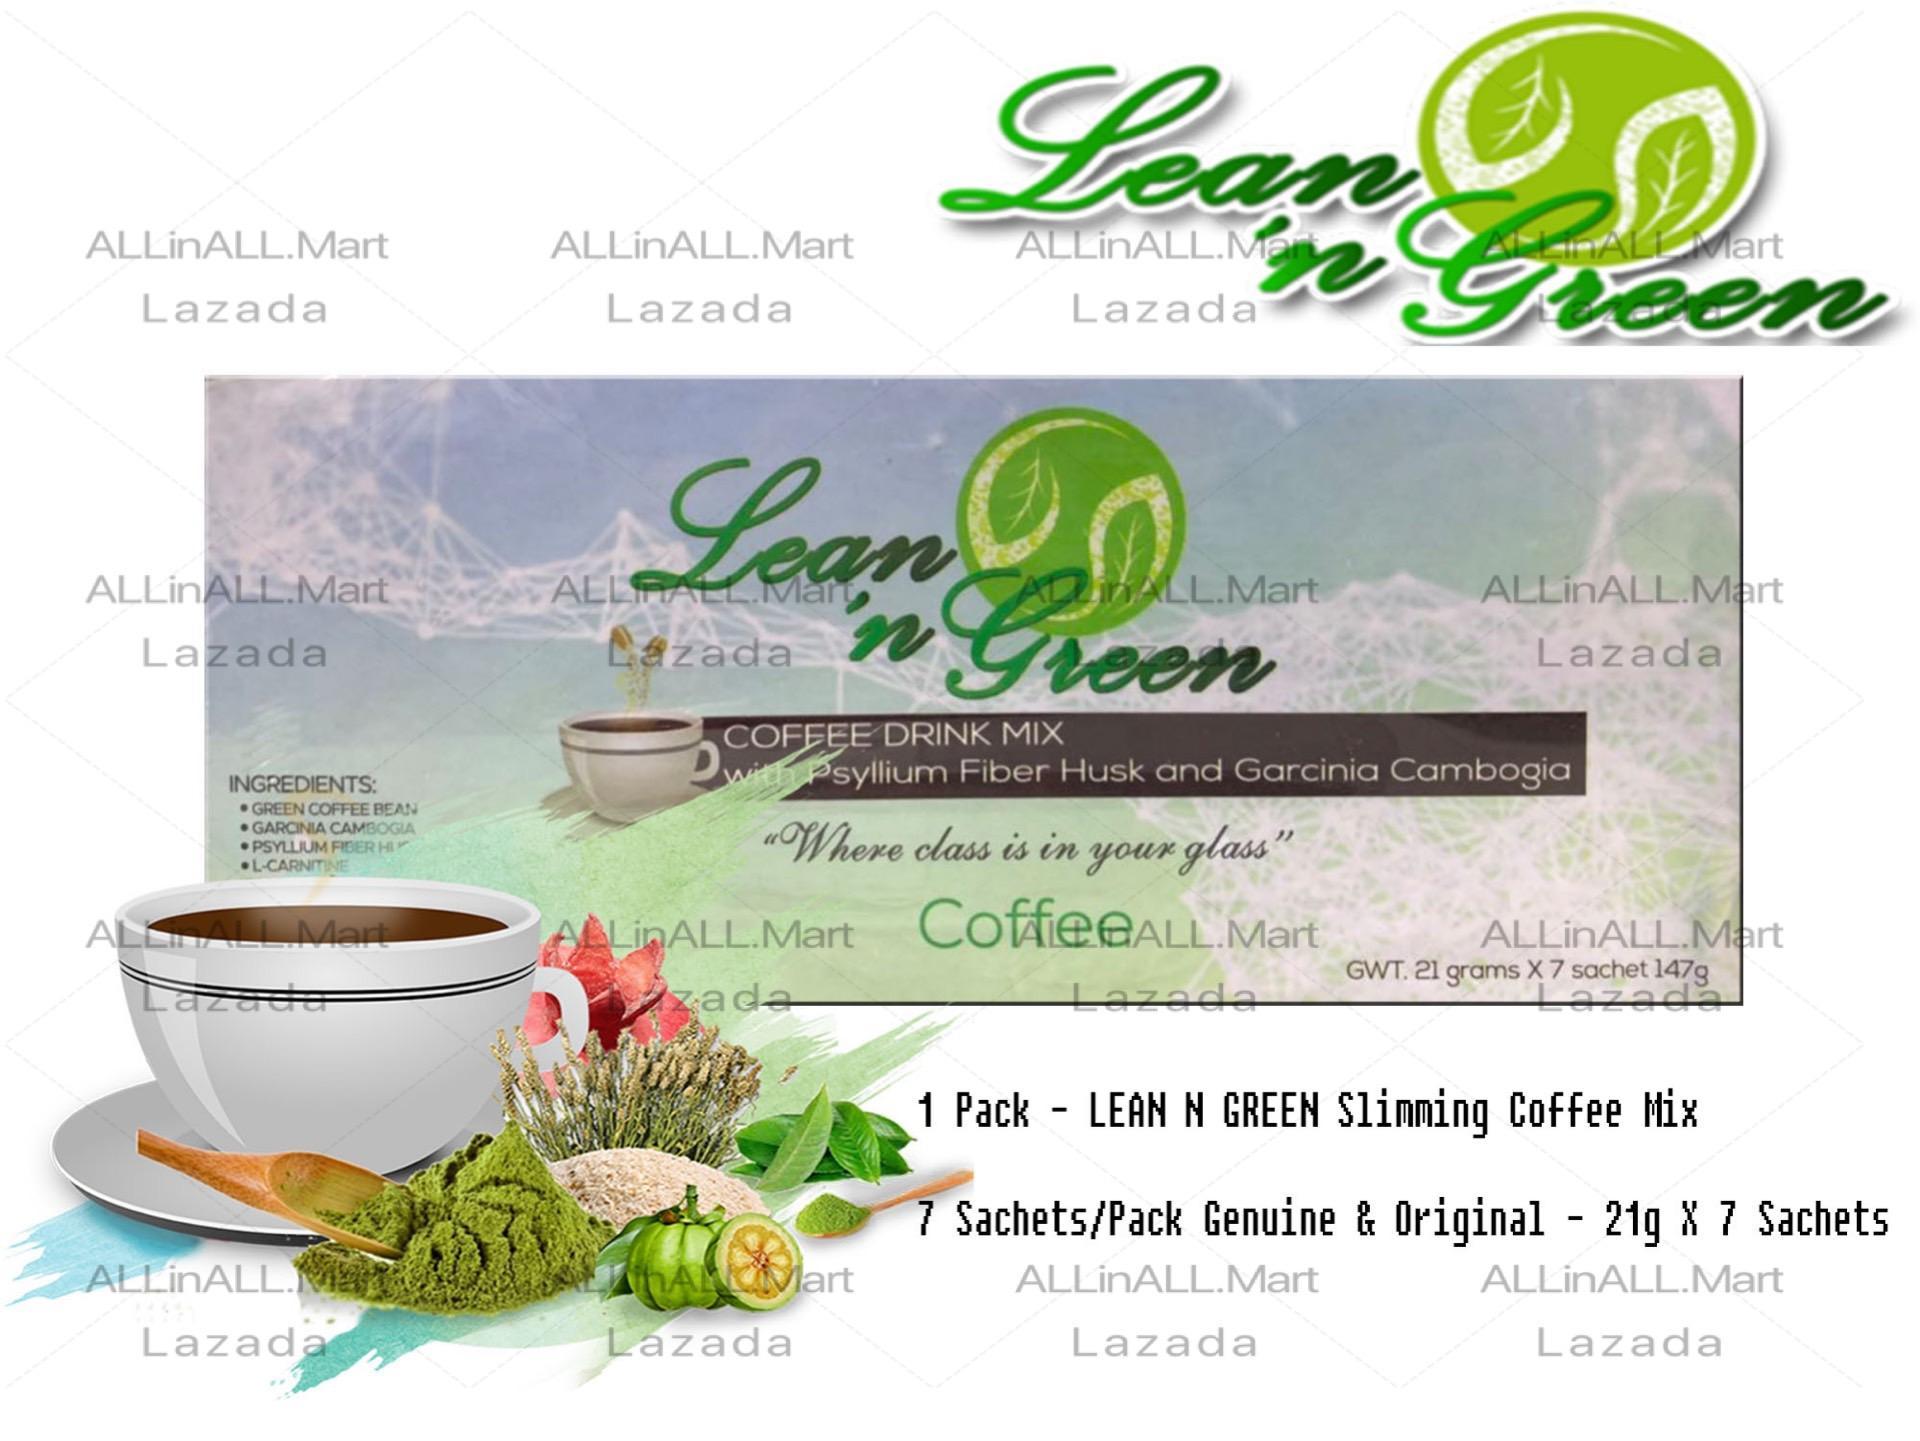 Allinall Mart 100 Original Lean N Green Slimming Coffee